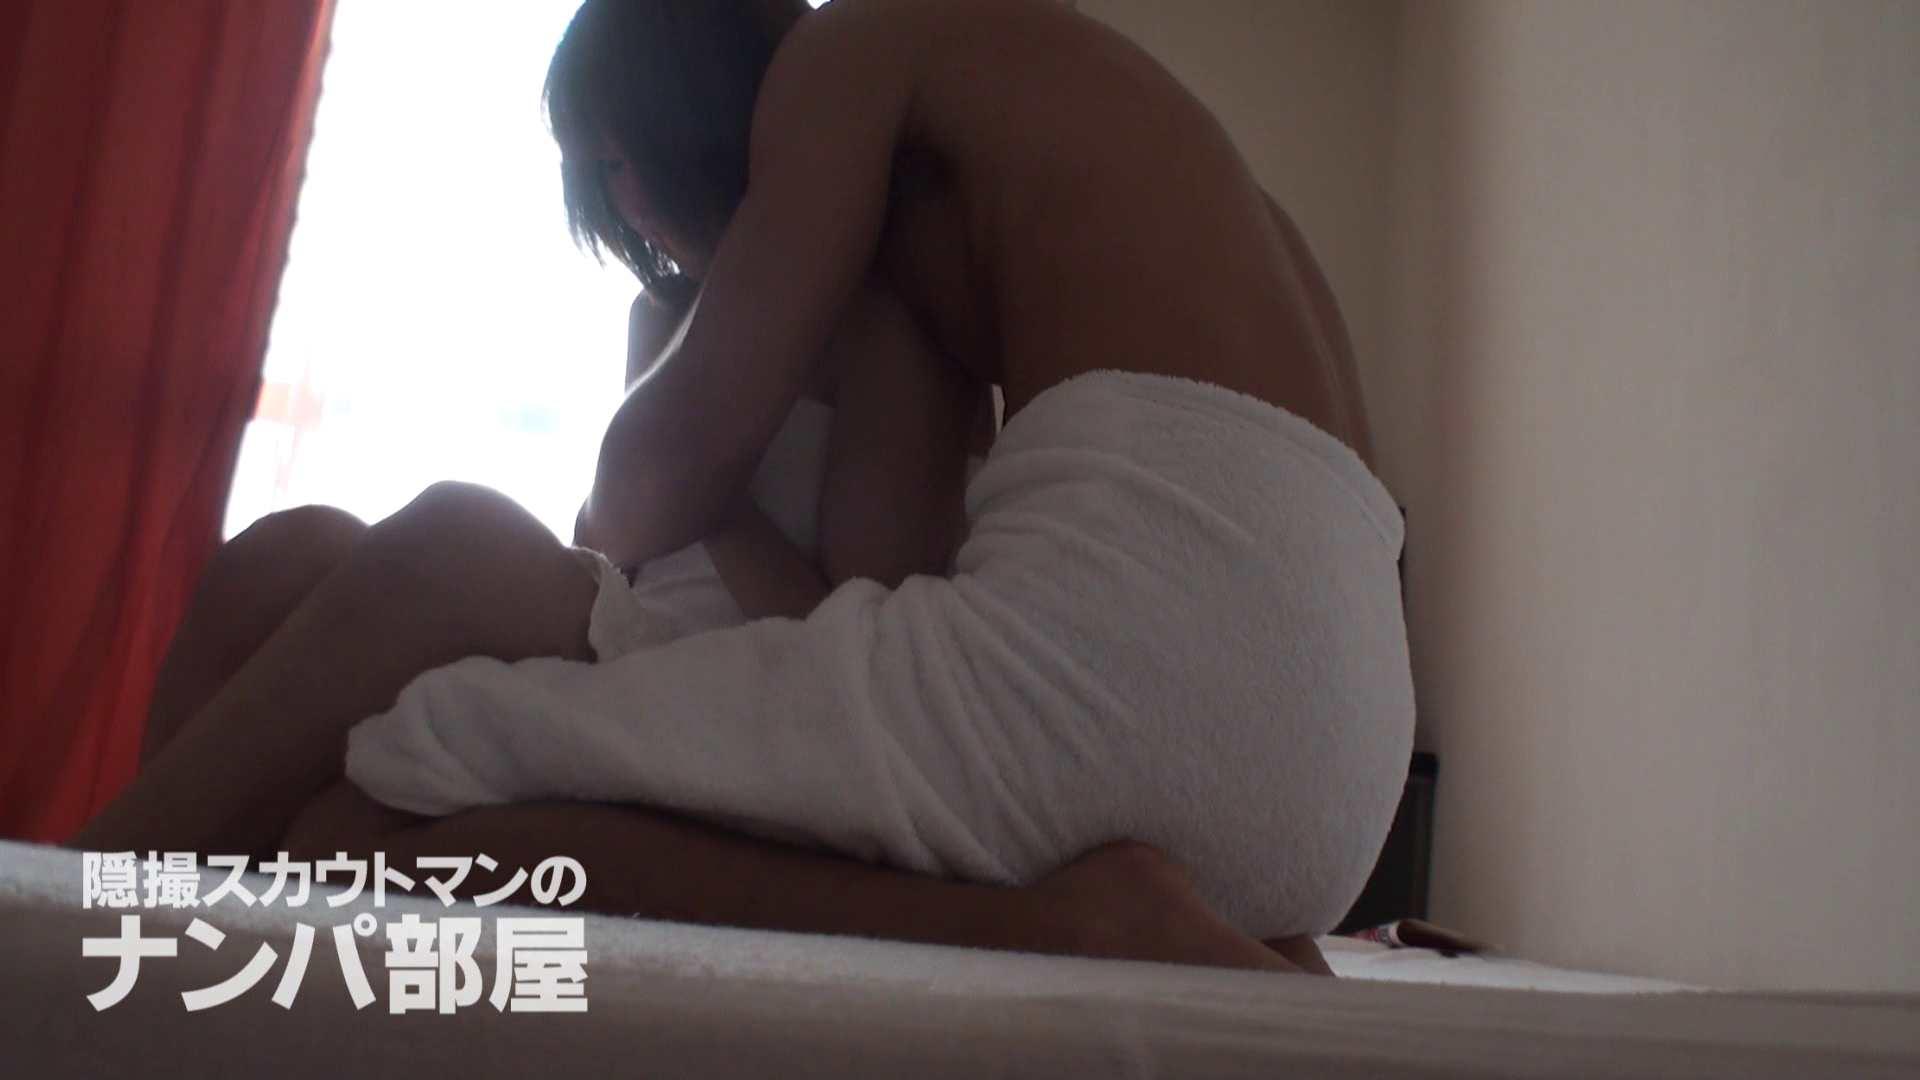 隠撮スカウトマンのナンパ部屋~風俗デビュー前のつまみ食い~ sii ナンパ セックス無修正動画無料 94pic 56